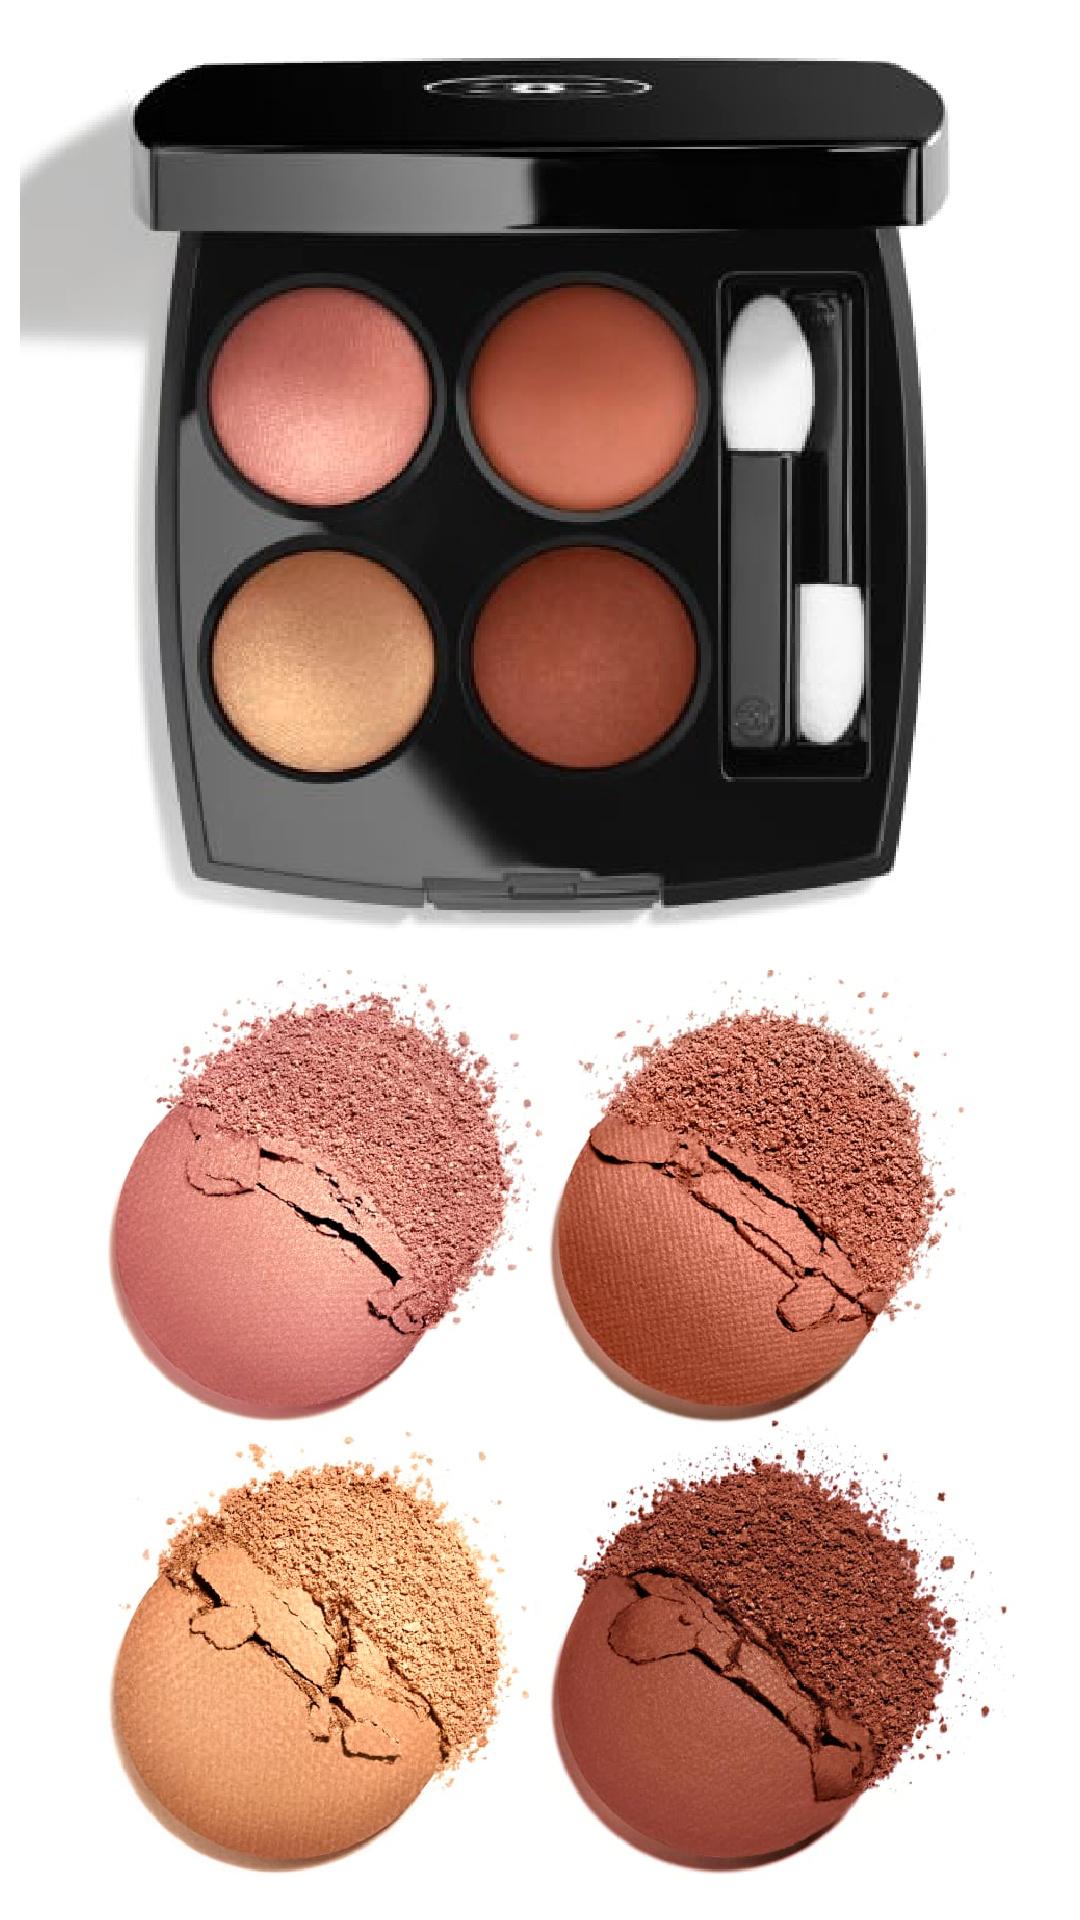 Chanel Fleurs de Printemps Les Ombres Eyeshadow Palettes